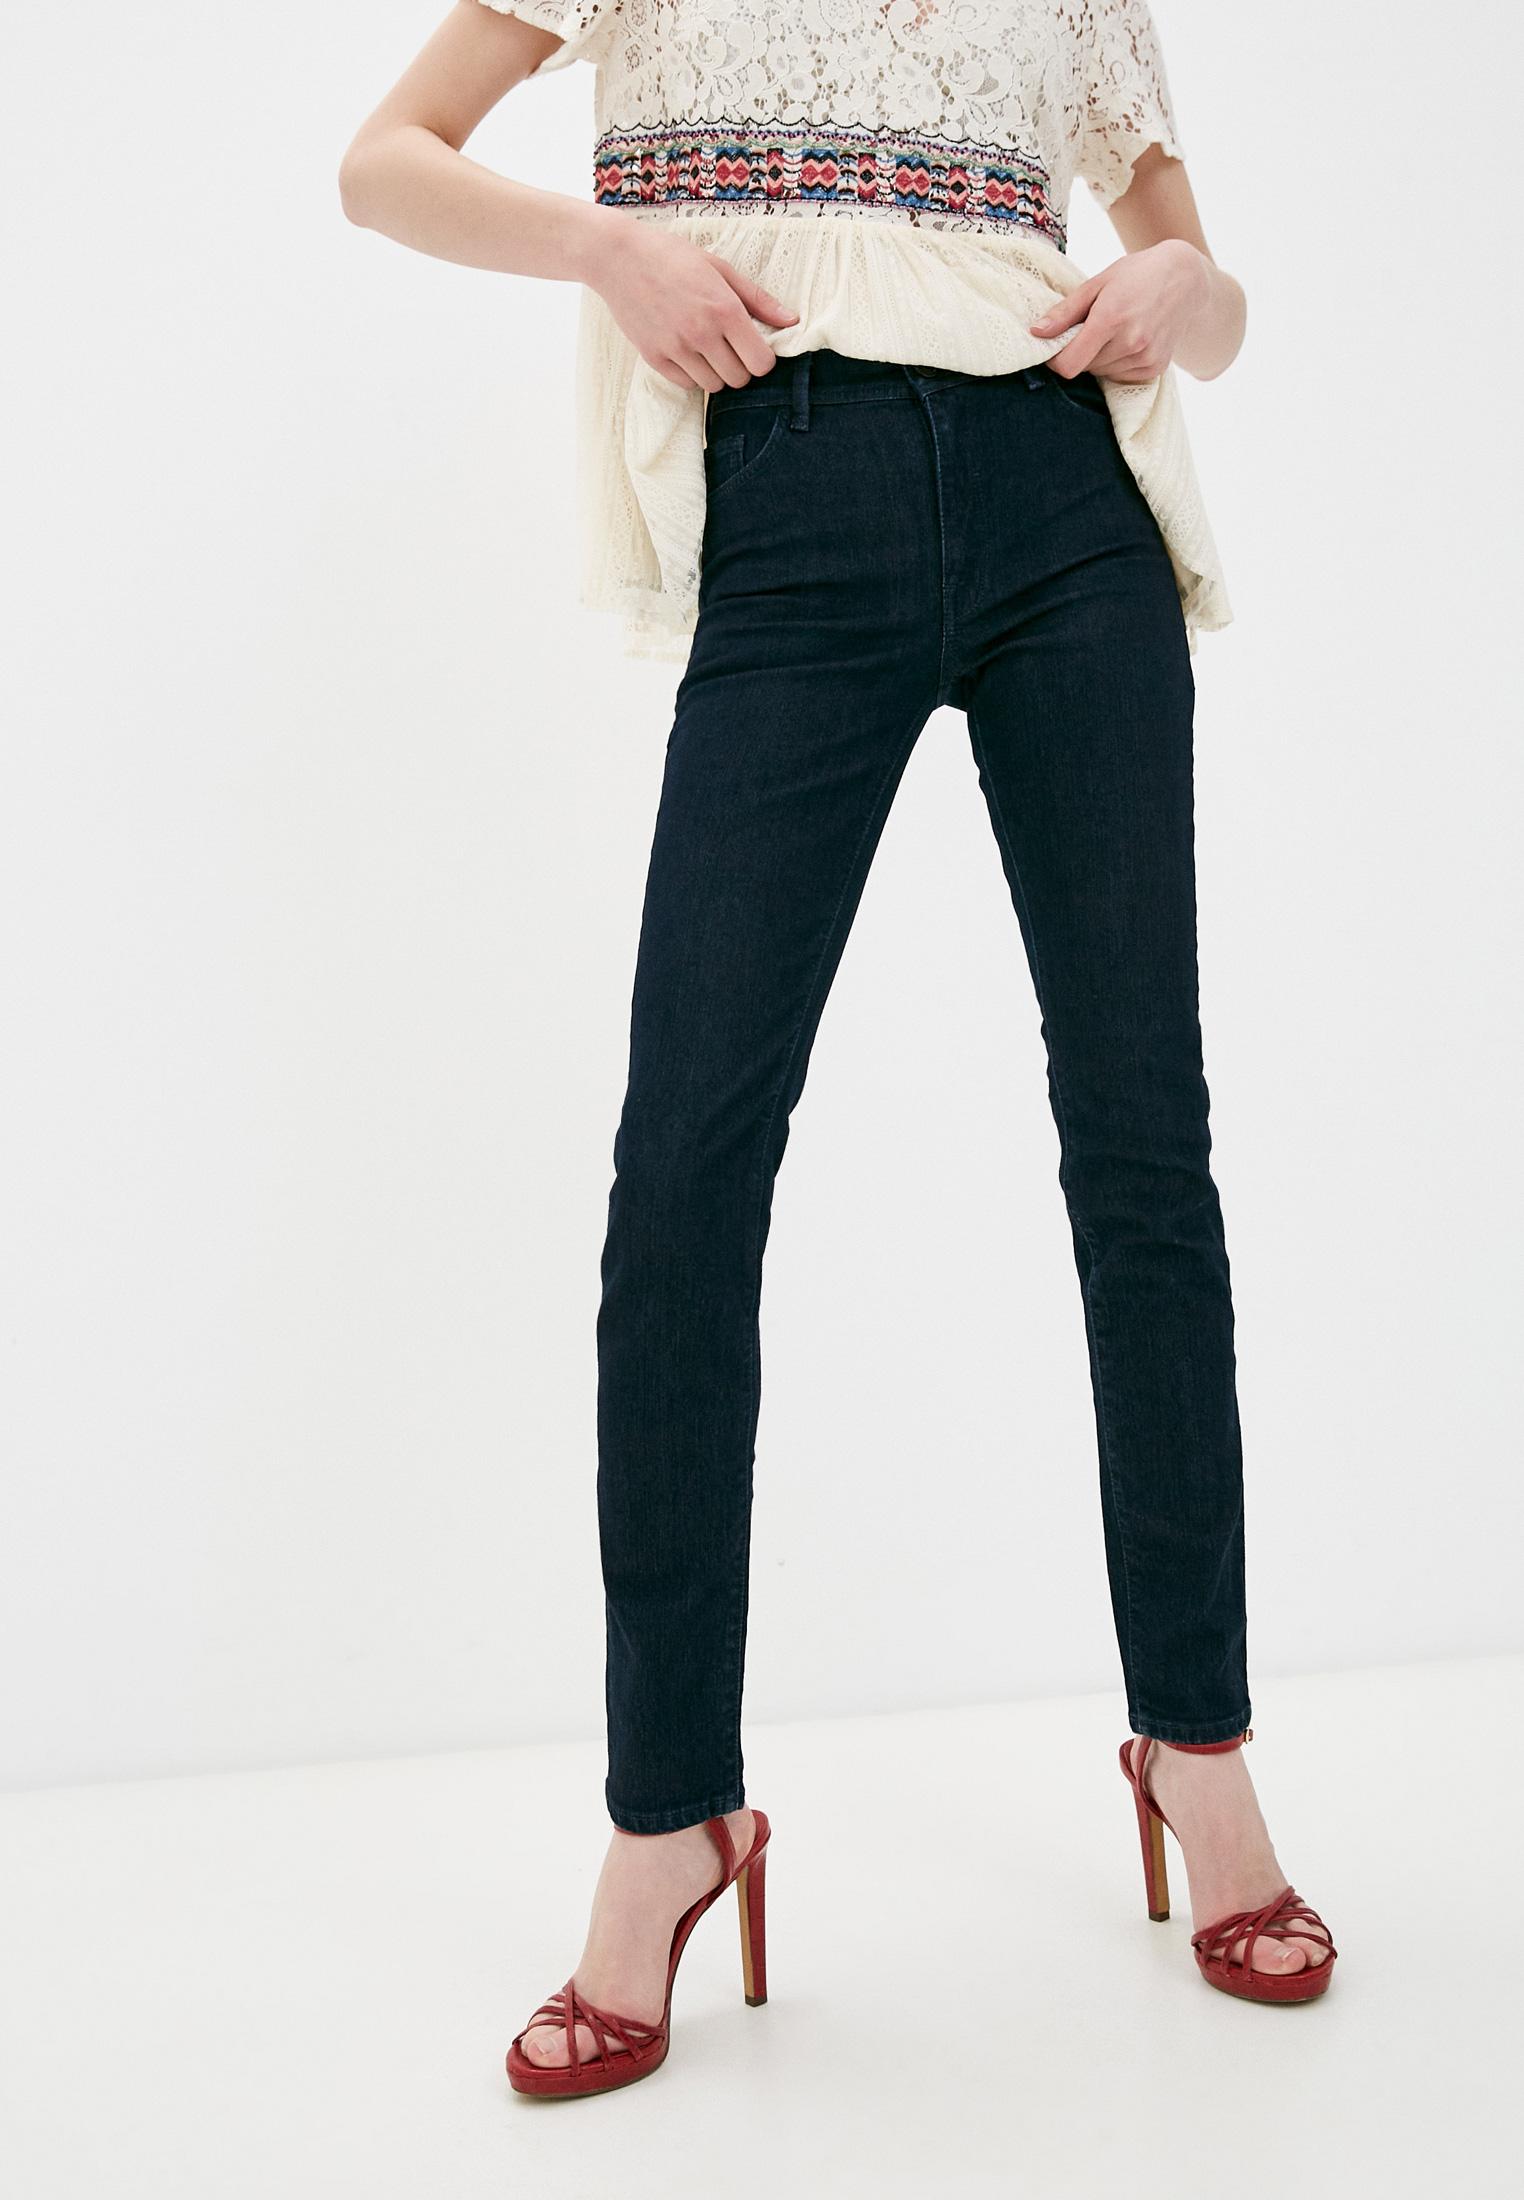 Прямые джинсы Trussardi (Труссарди) 56J00005-1T003118-A-003